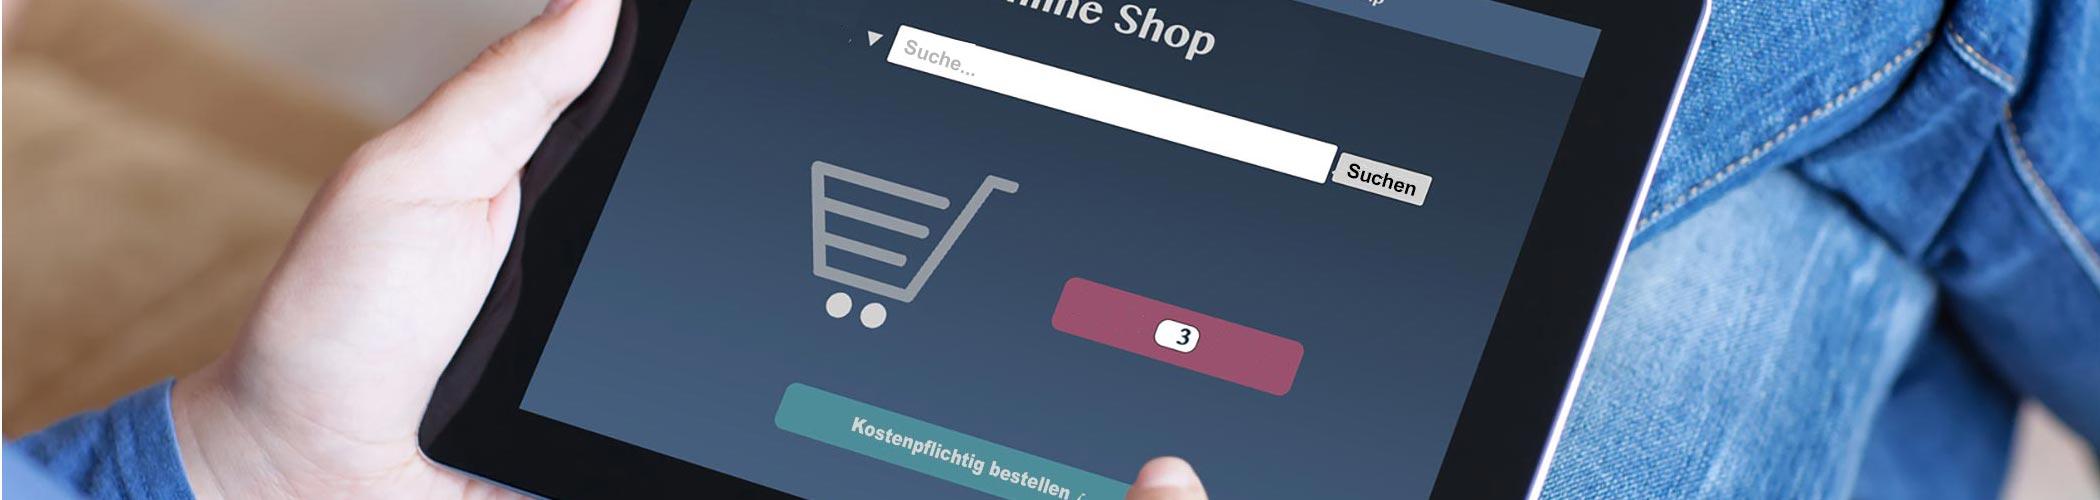 online-shop-erfolg-marketing